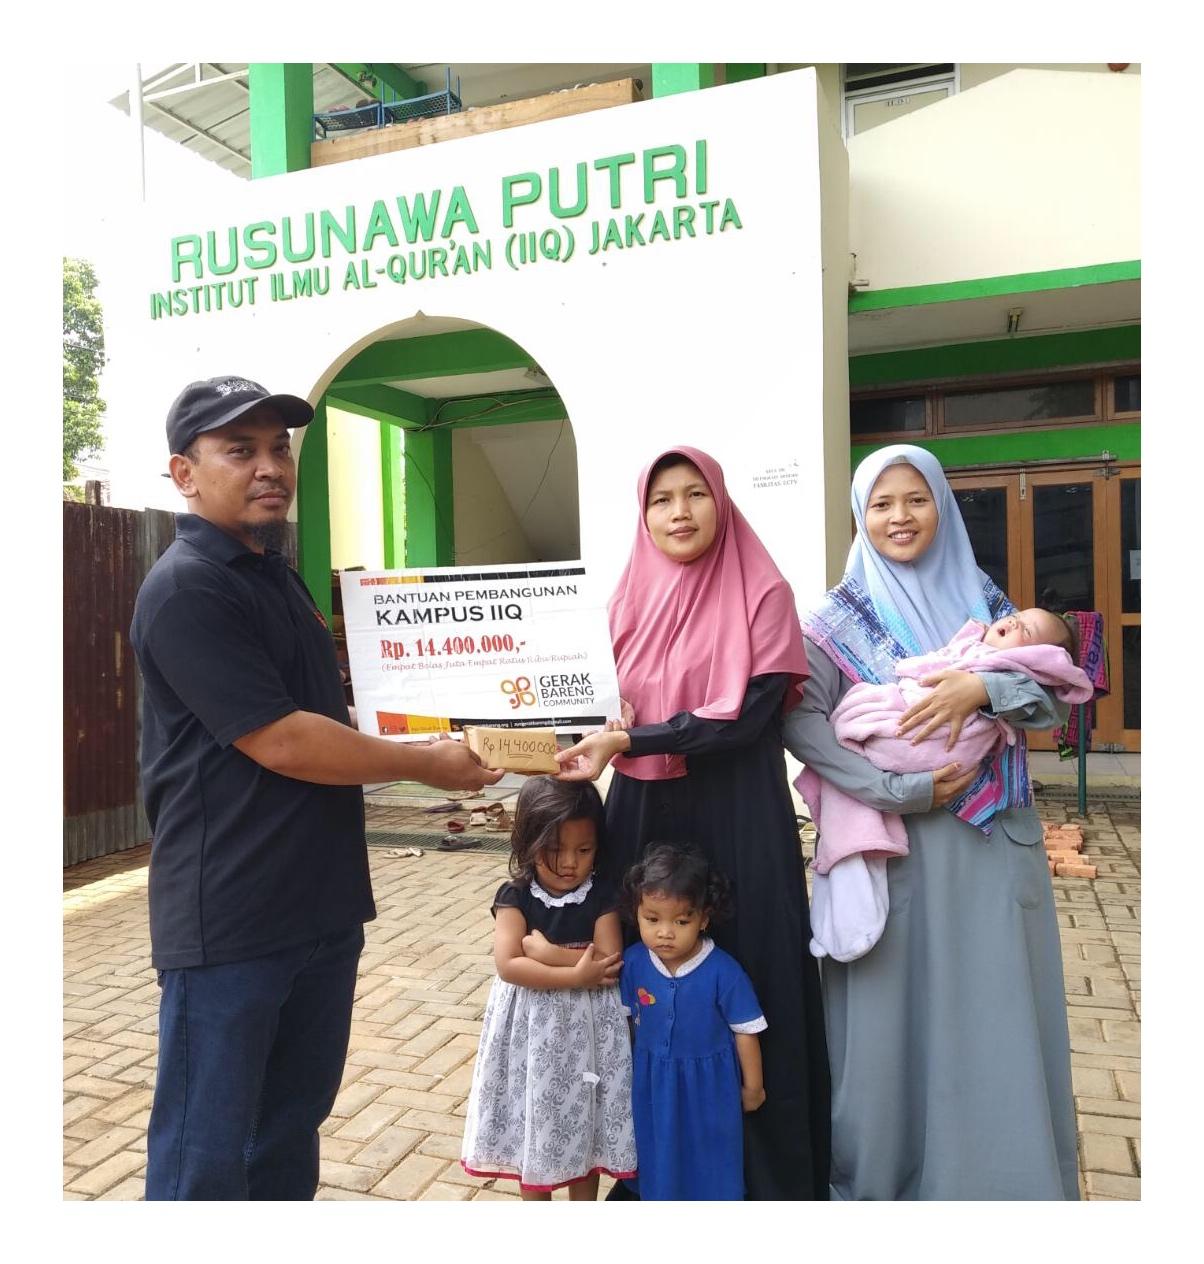 Penyaluran Bantuan Untuk Asrama Putri Institut Ilmu Qur'an Yang Mengalami Kebakaran